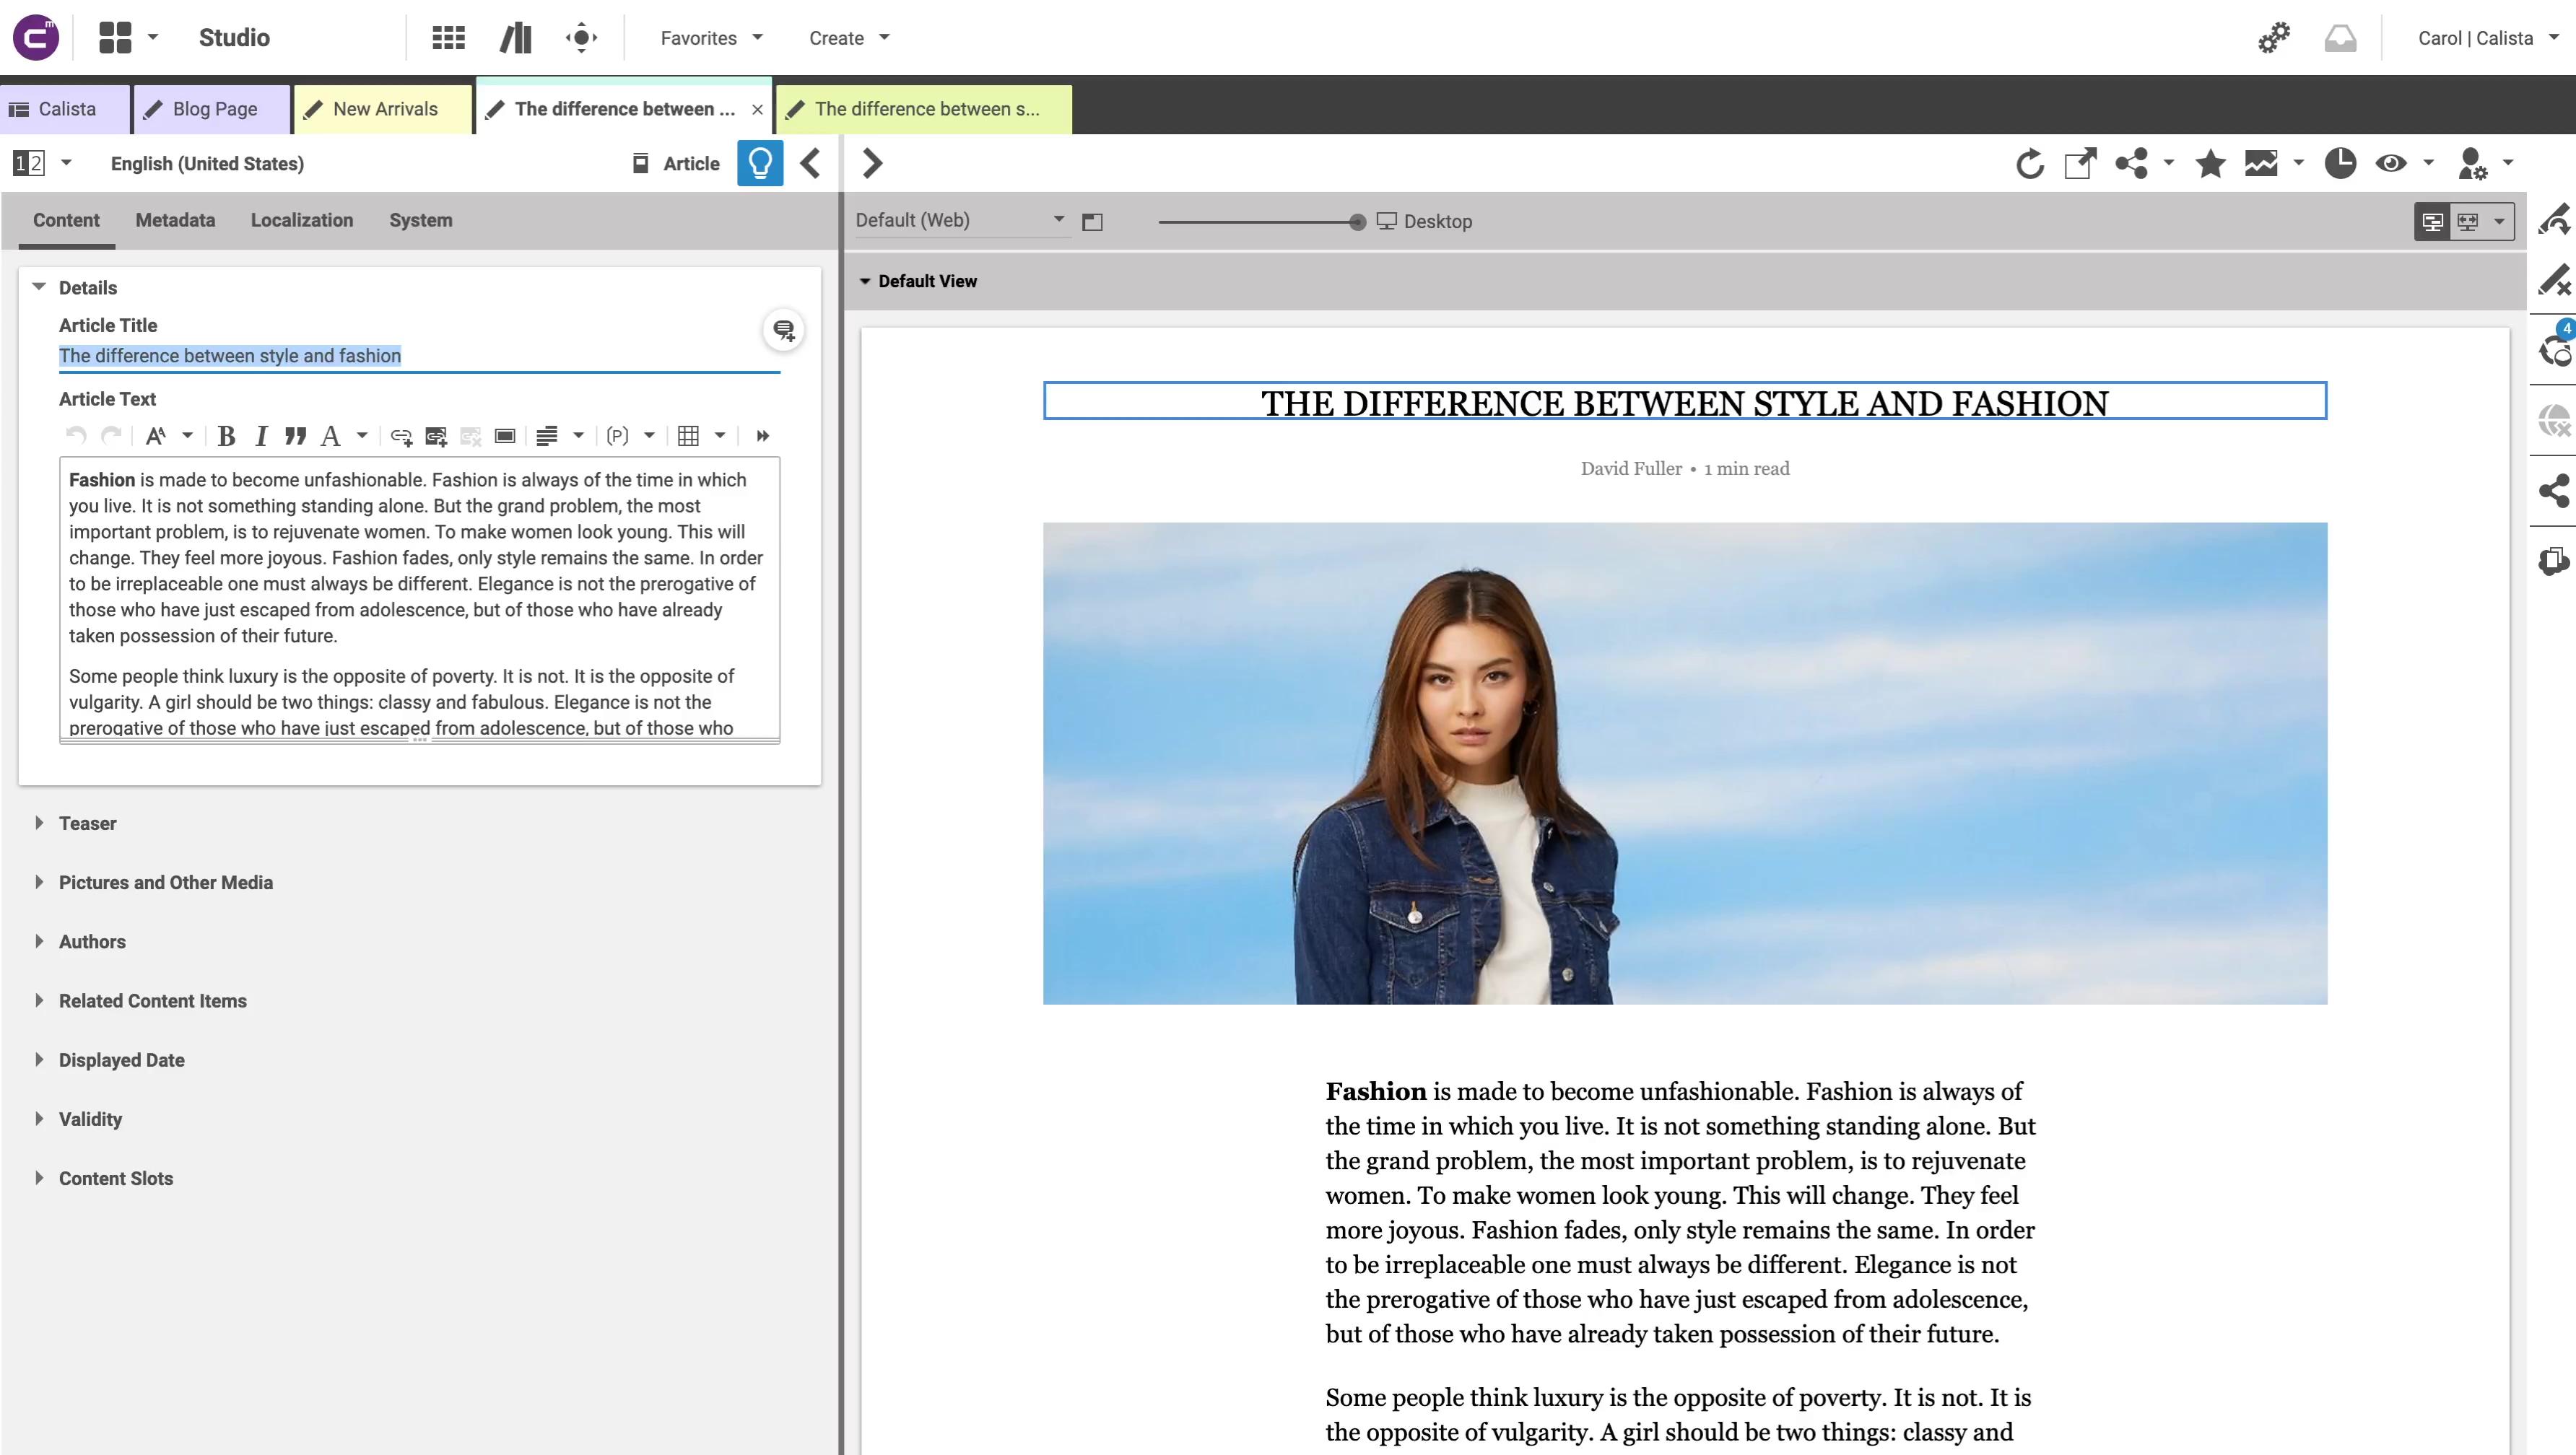 Blog Post - Synchronization